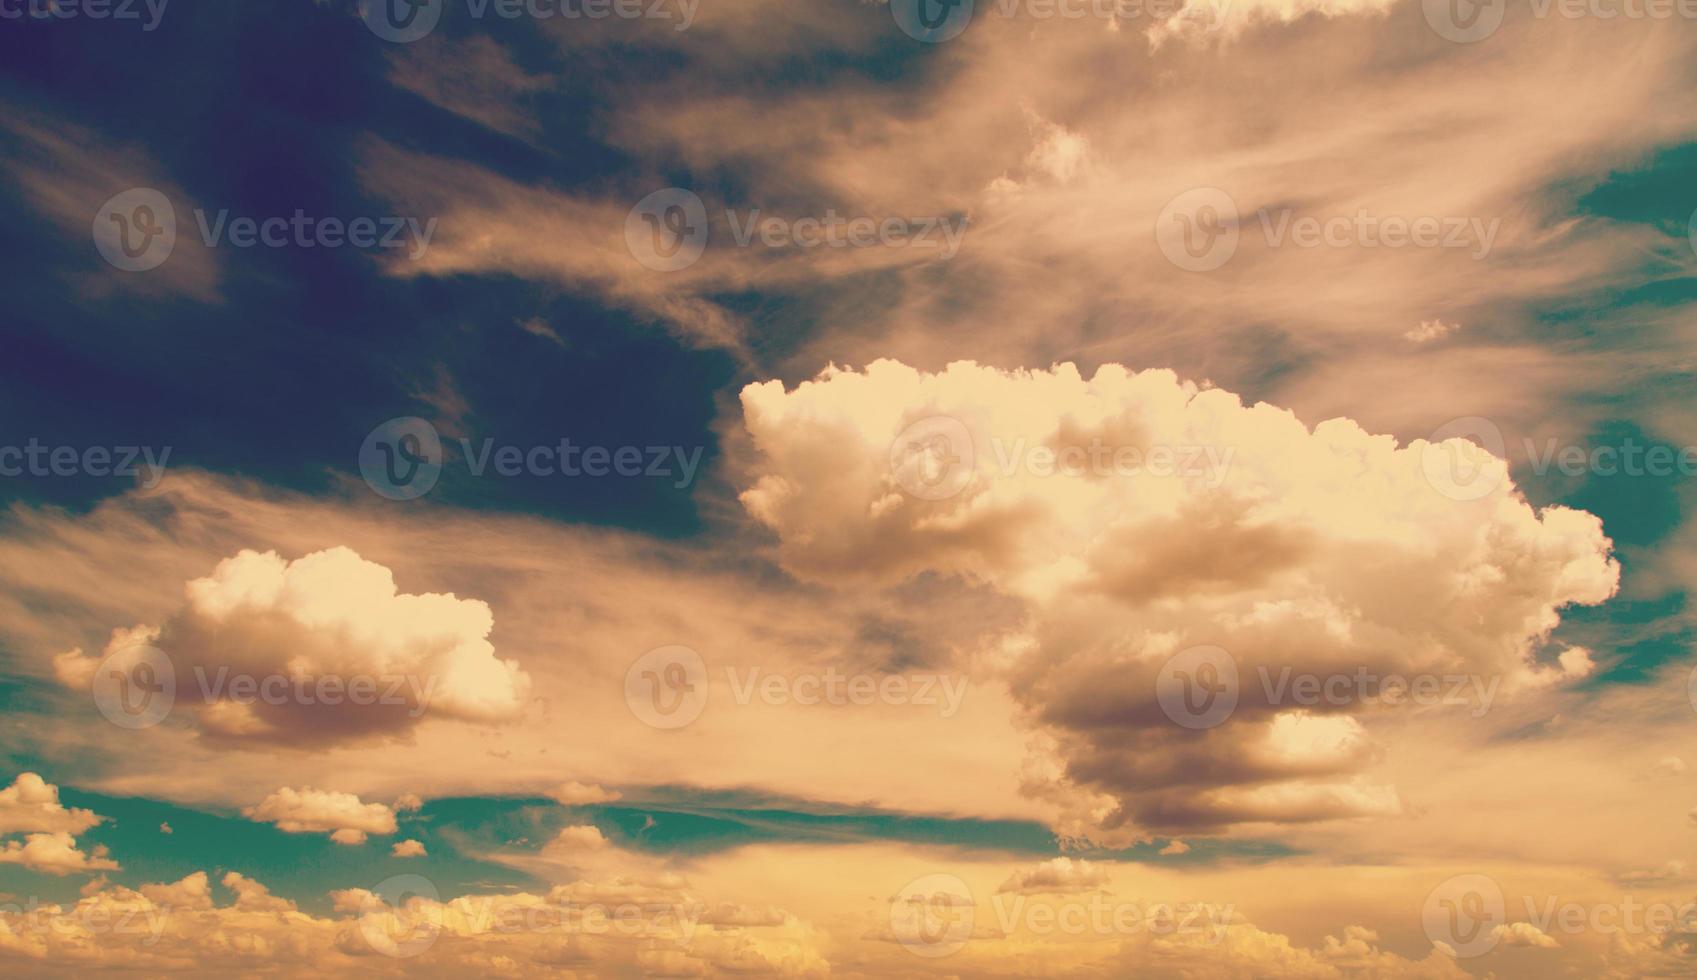 weiße flauschige Wolken über blauem Himmel, gefilterter Instagram-Blick. foto